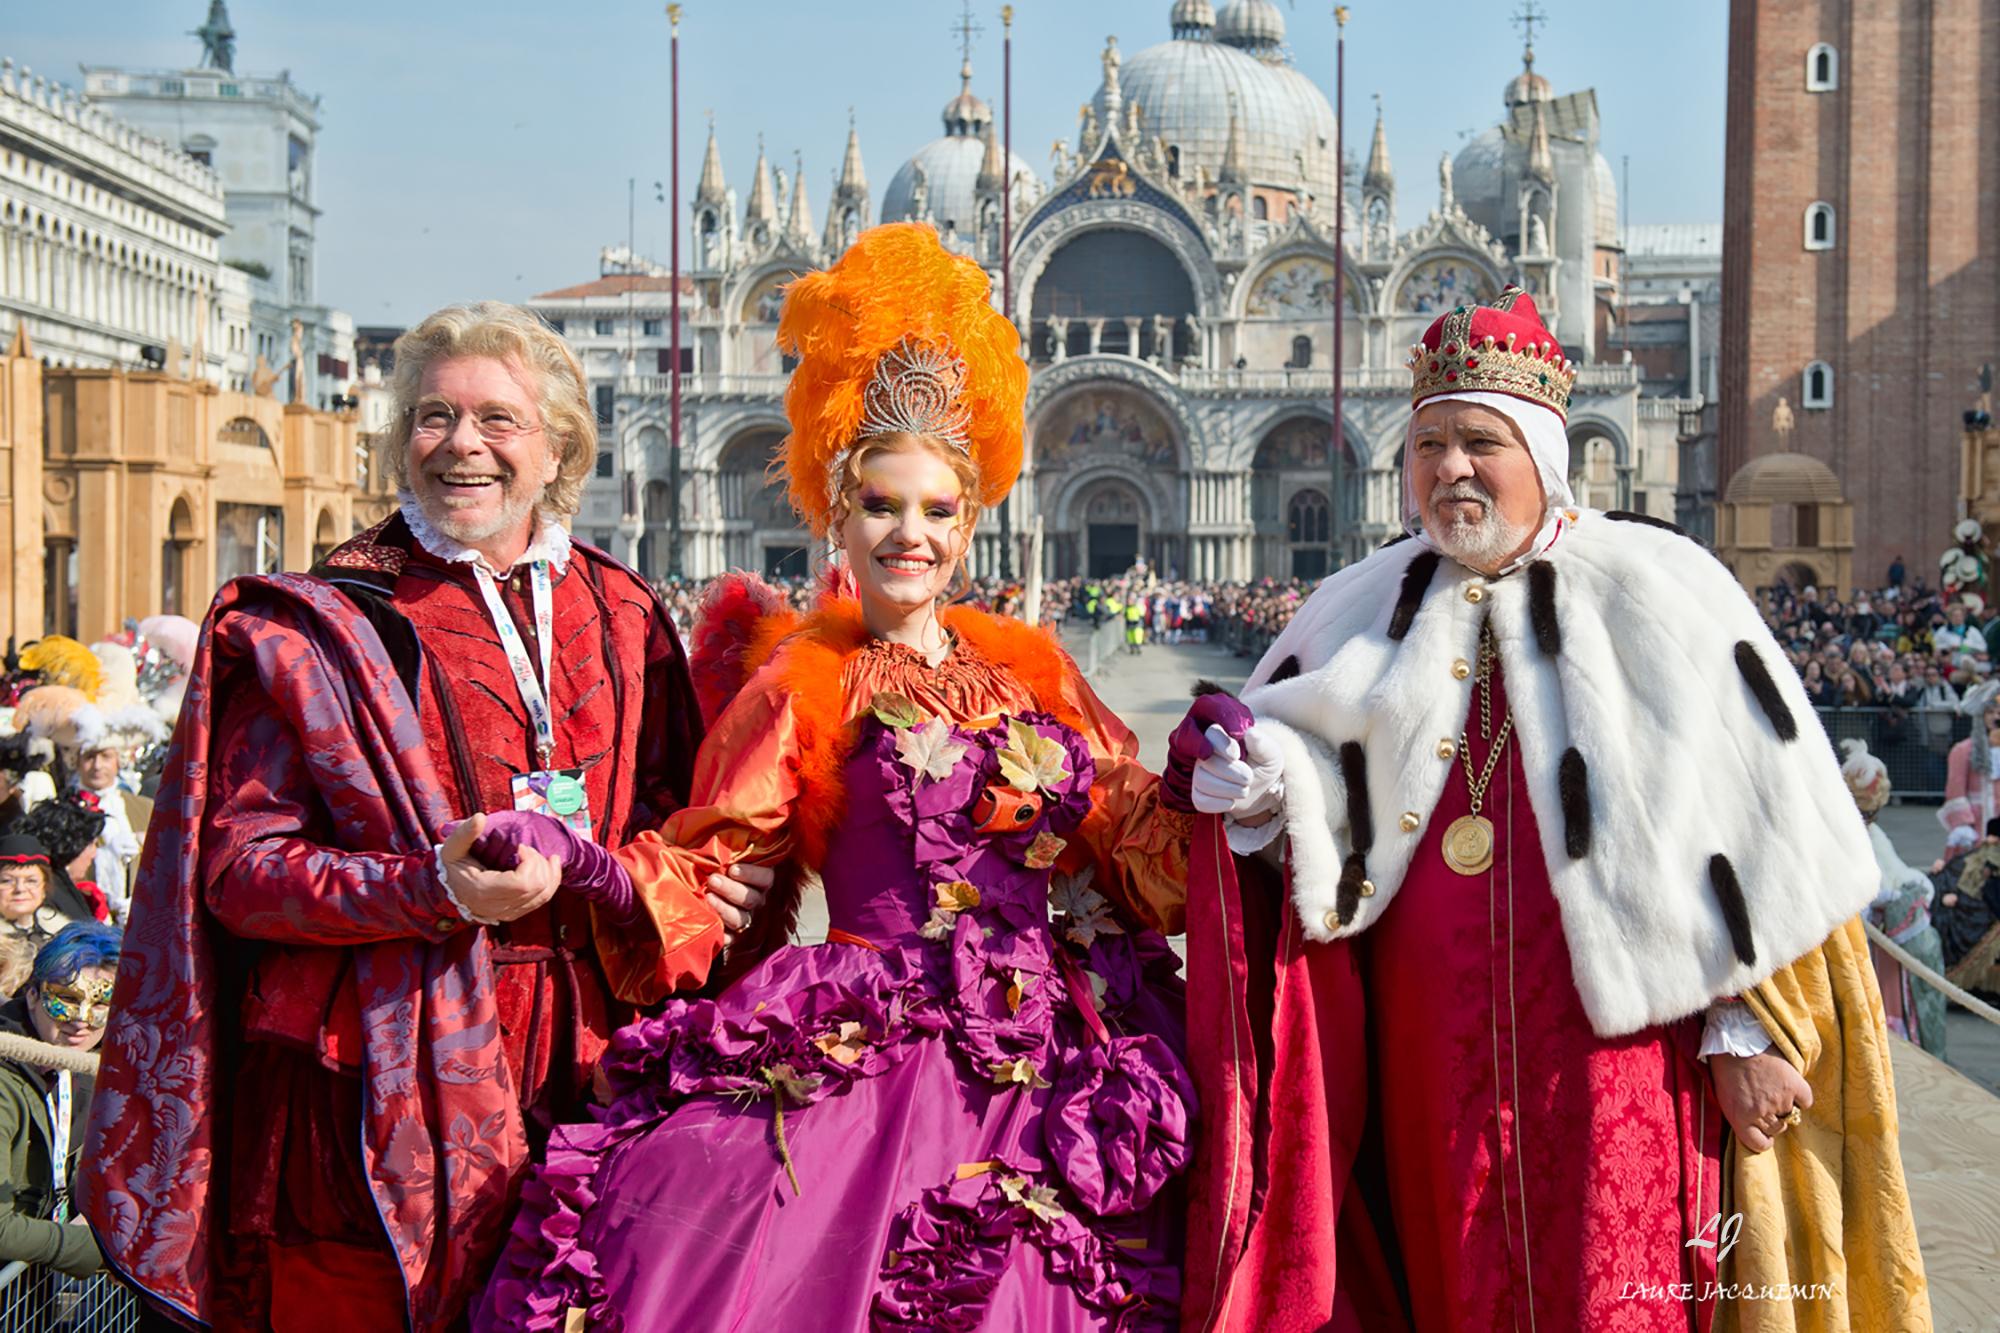 Meilleur photos Carnaval de Venise 2018 laure jacquemin (1)